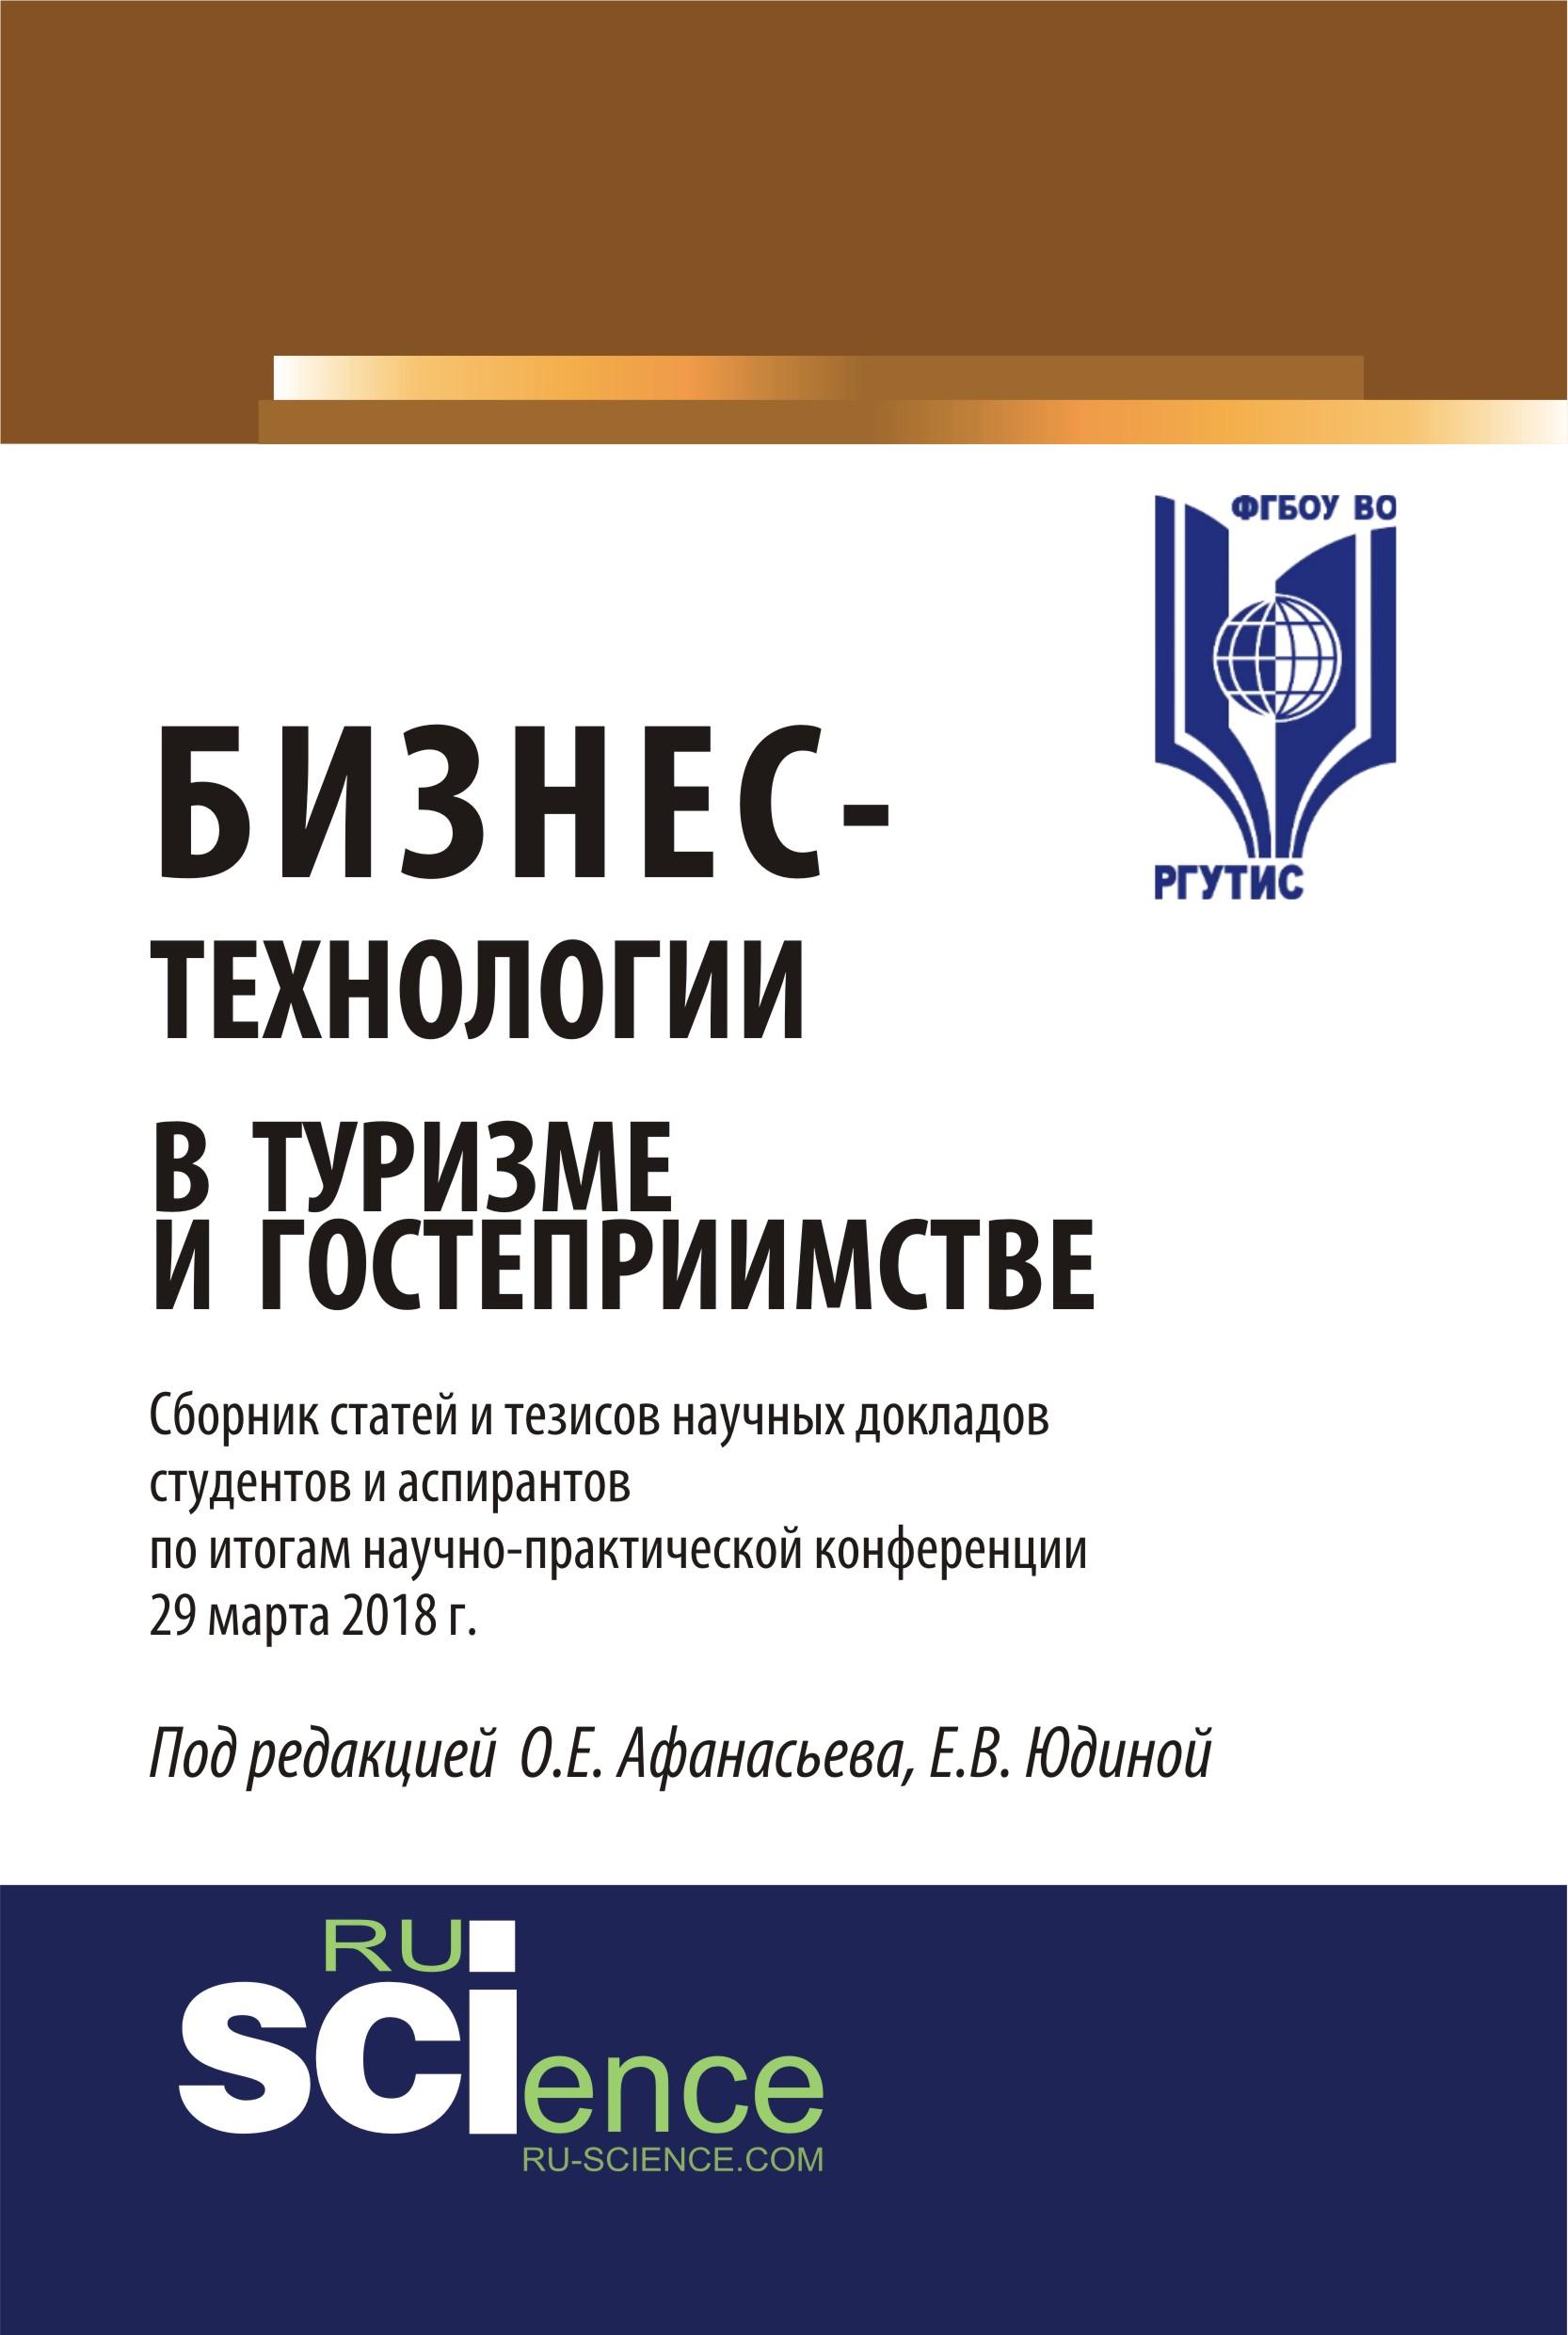 Сборник статей Бизнес-технологии в туризме и гостеприимстве л п воронкова история туризма и гостеприимства